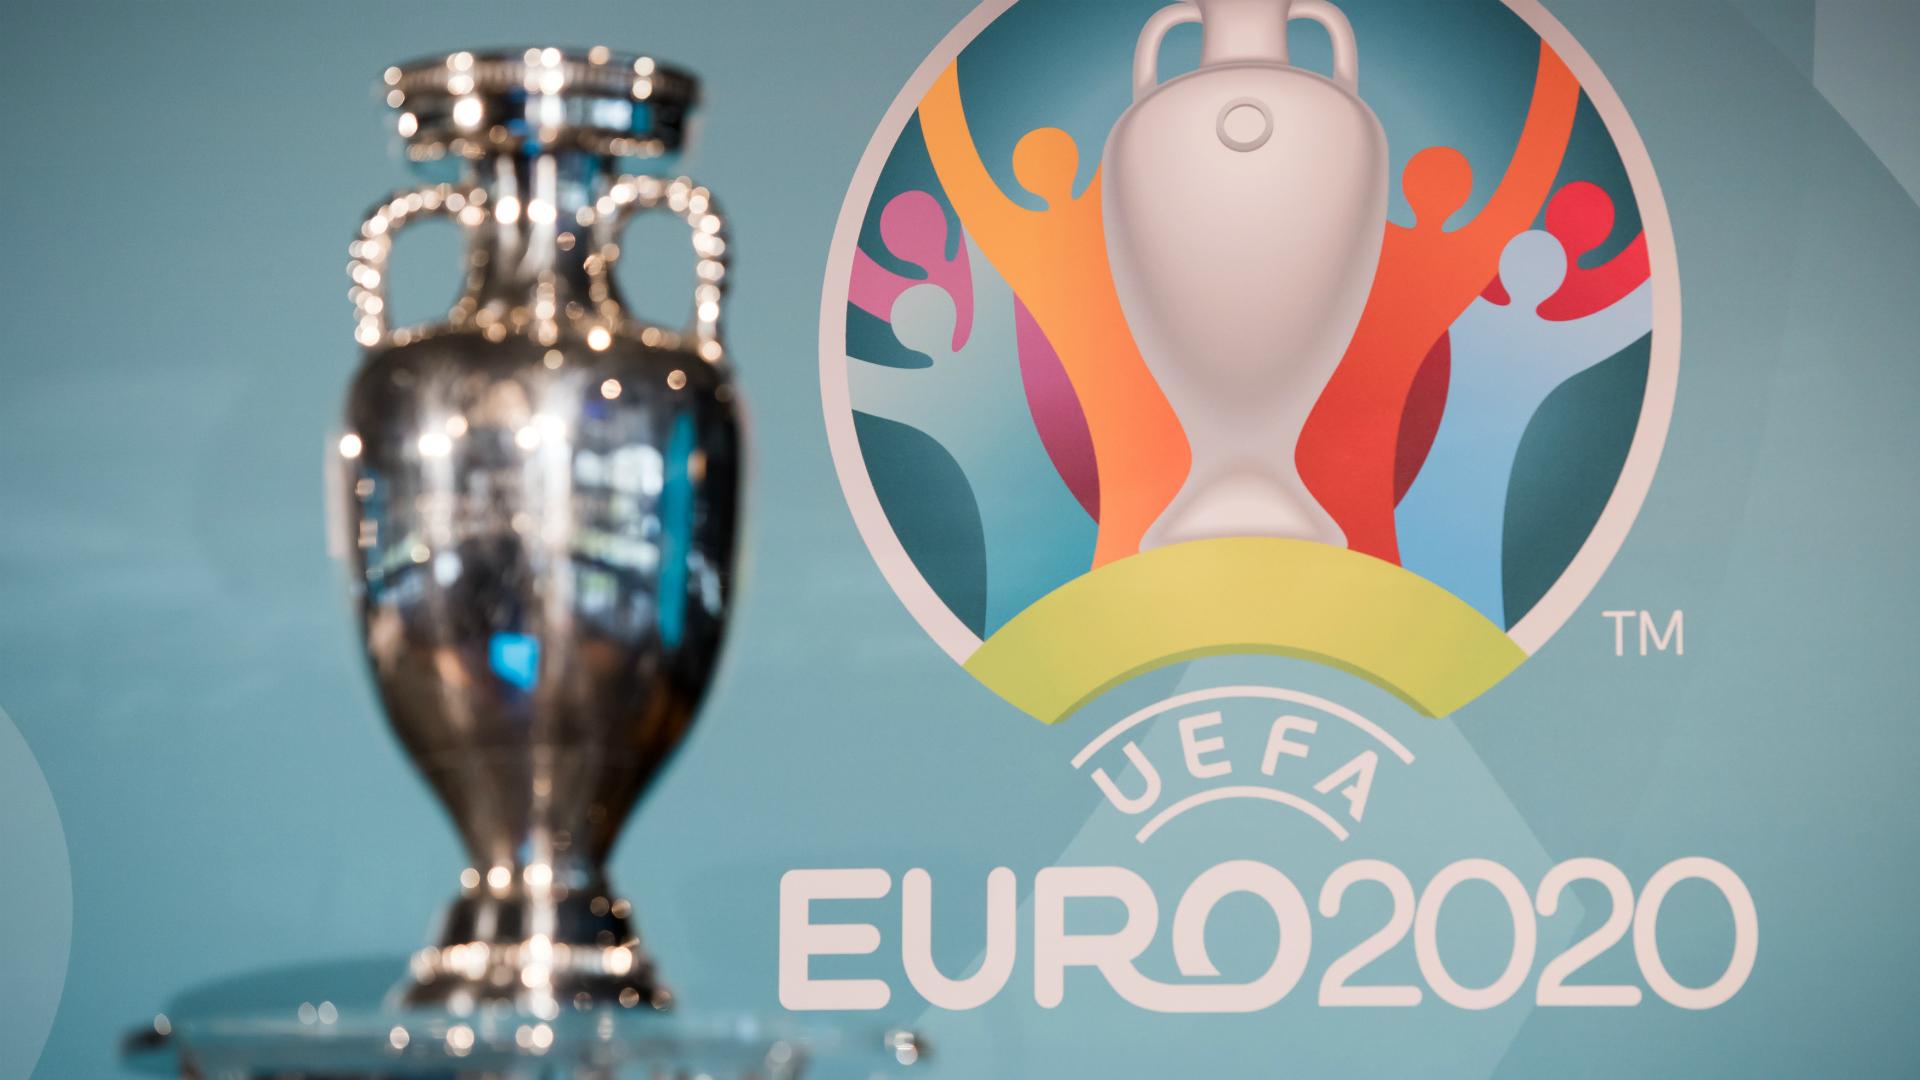 uefa-euro-2020_19q2ju194kvfc1xc4mm3myjdrv